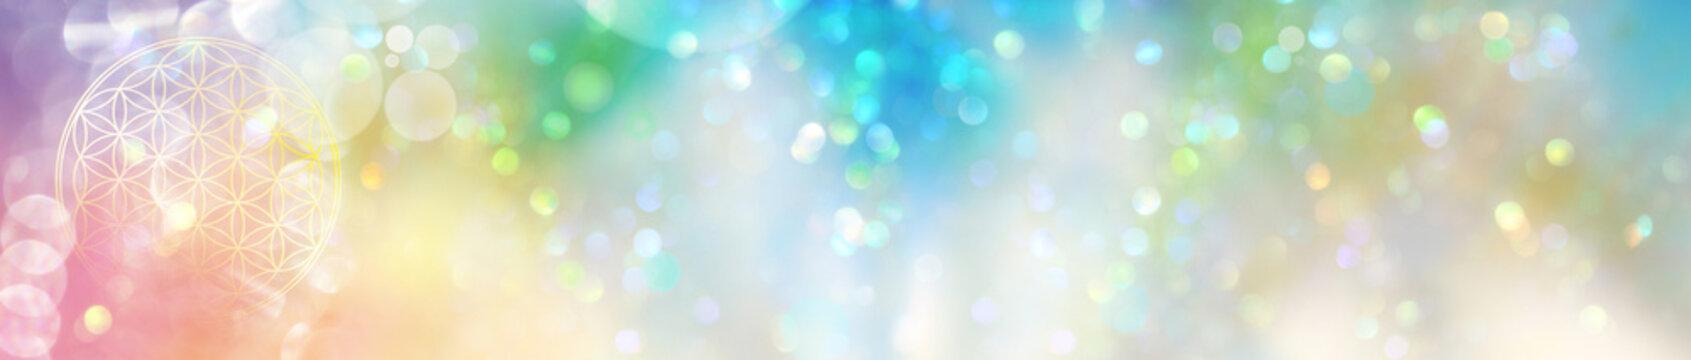 Banner extrabreit: Blume des Lebens in einem funkelnden Feld regenbogenfarbenen Lichts